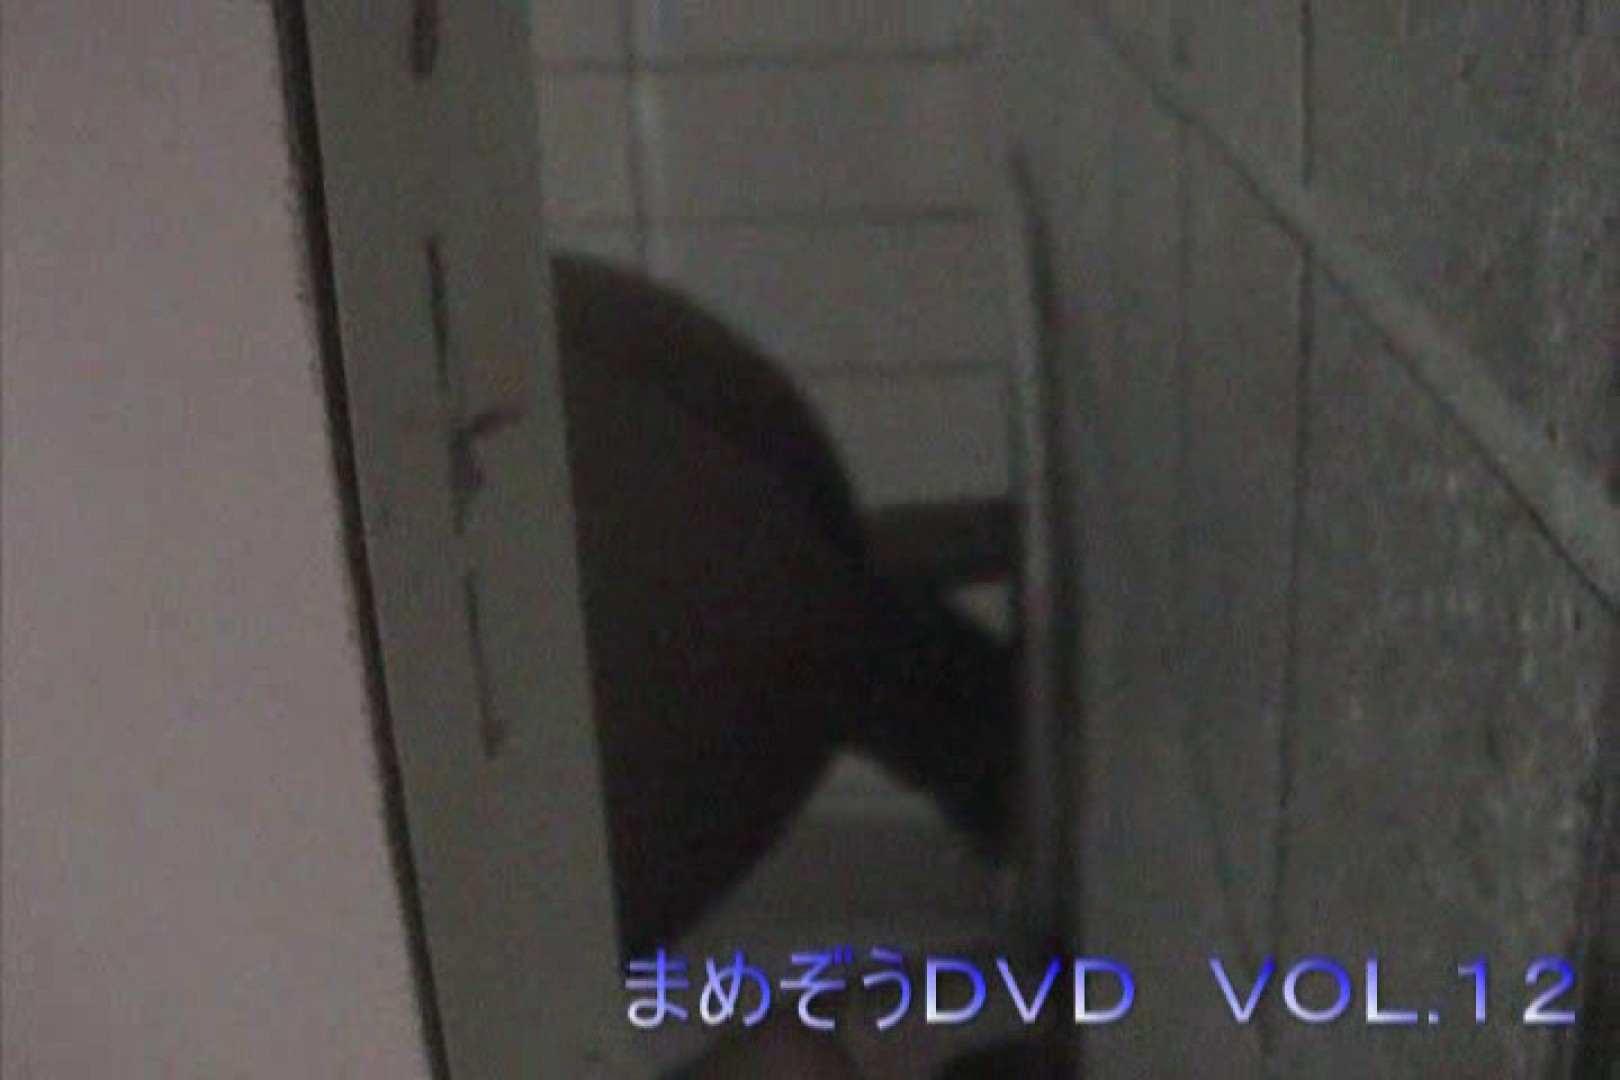 まめぞうDVD完全版VOL.12 ギャル | エッチすぎるOL達  55連発 39